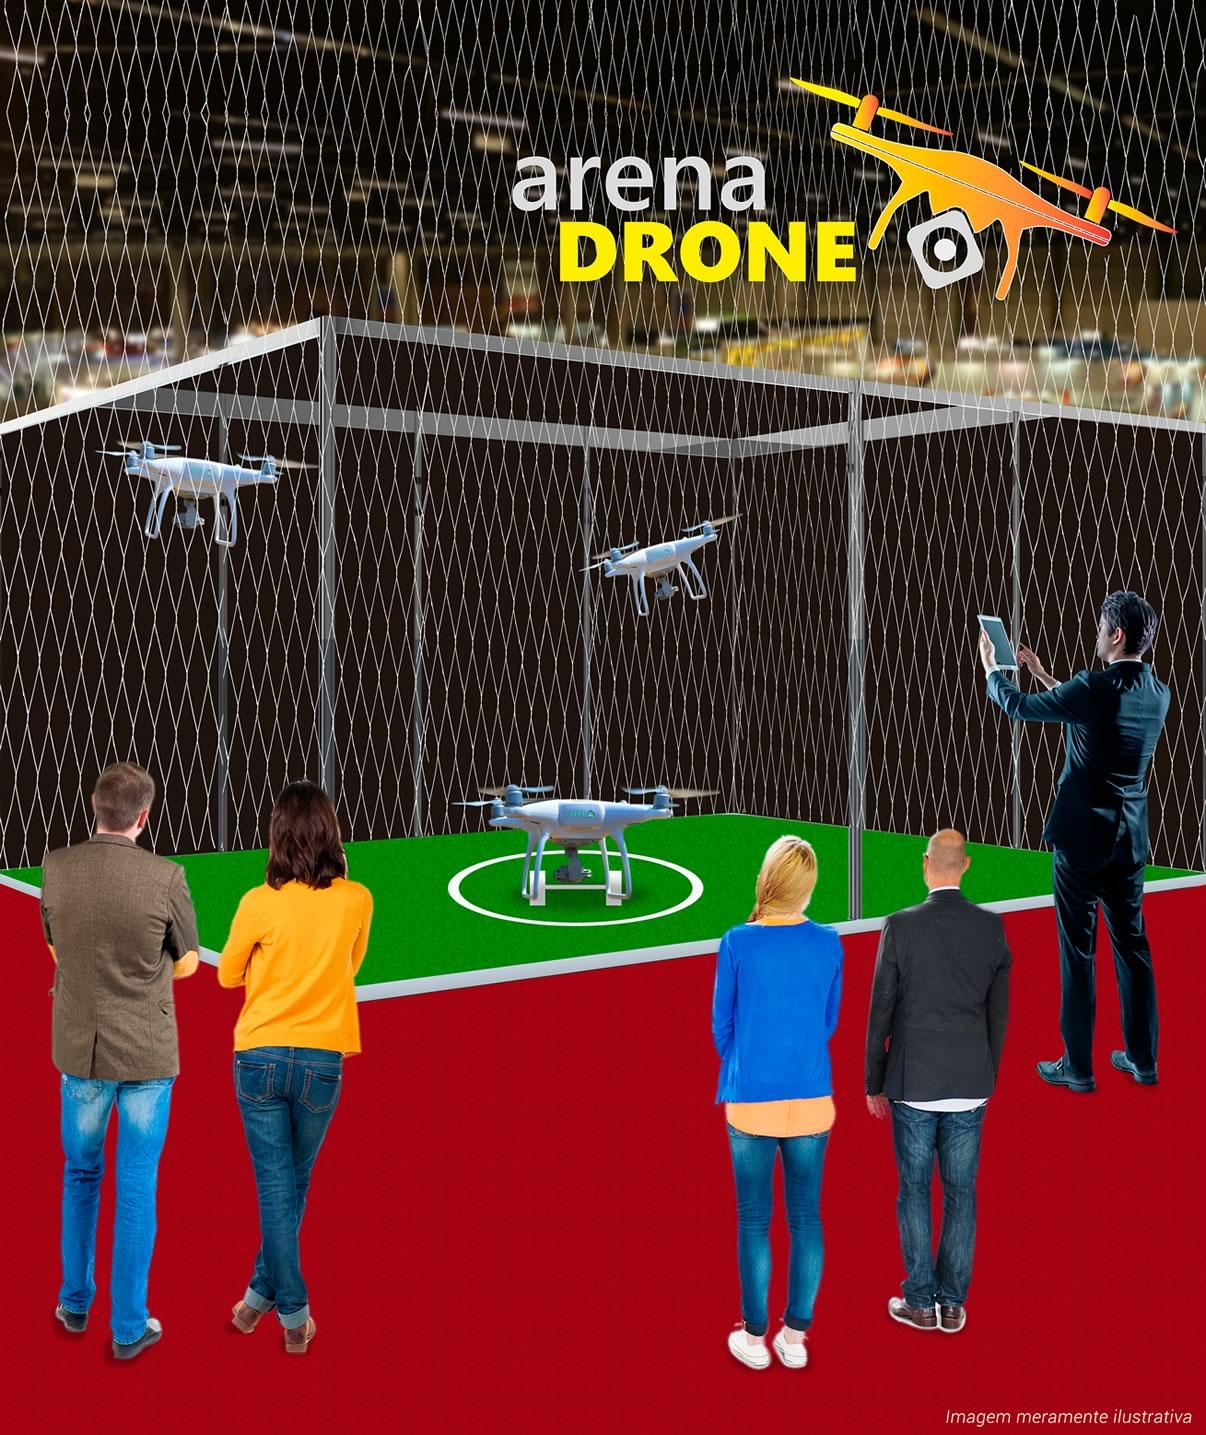 Arena Drone Exposec - Venha demonstrar o drone da sua empresa durante a Exposec 2017!